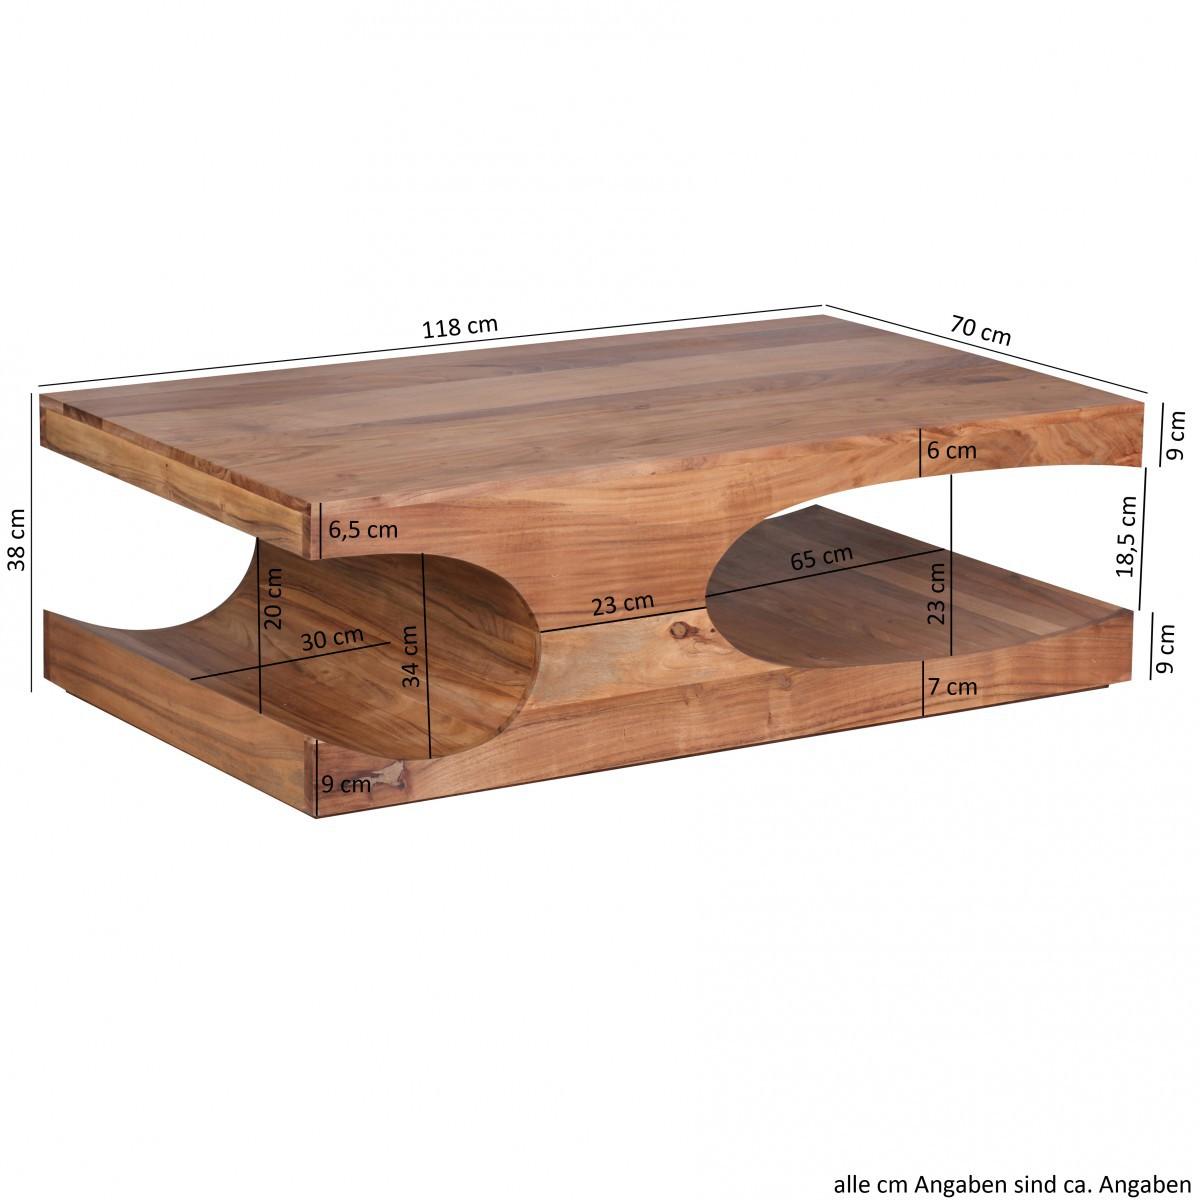 finebuy couchtisch massivholz akazie 120 cm breit. Black Bedroom Furniture Sets. Home Design Ideas